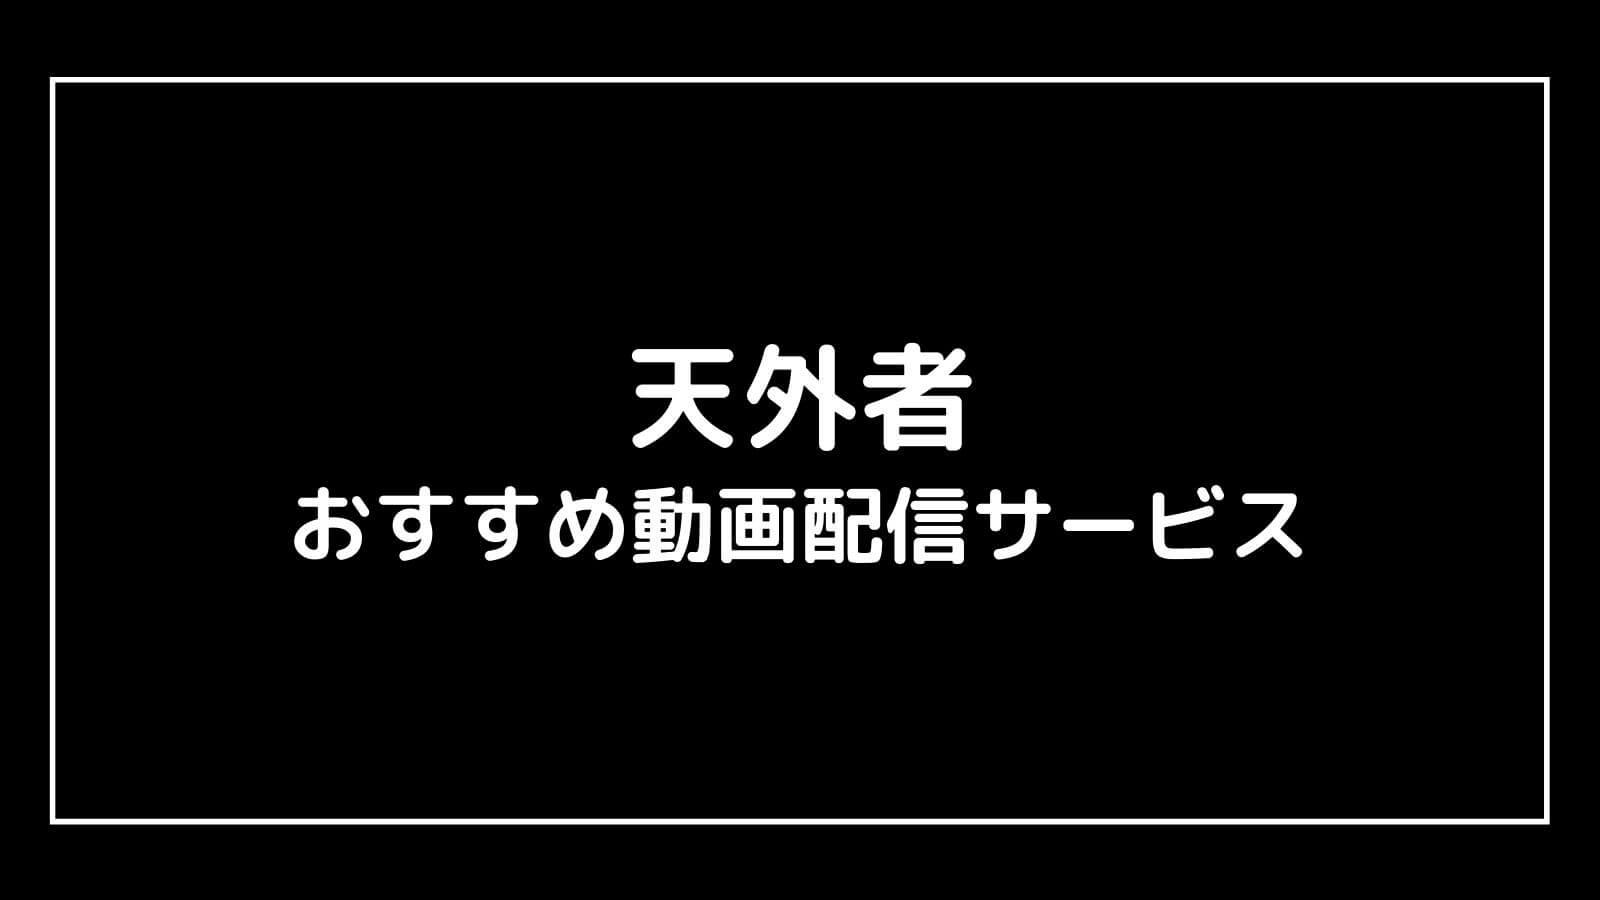 映画『天外者』の配信を無料視聴できるおすすめ動画配信サイト